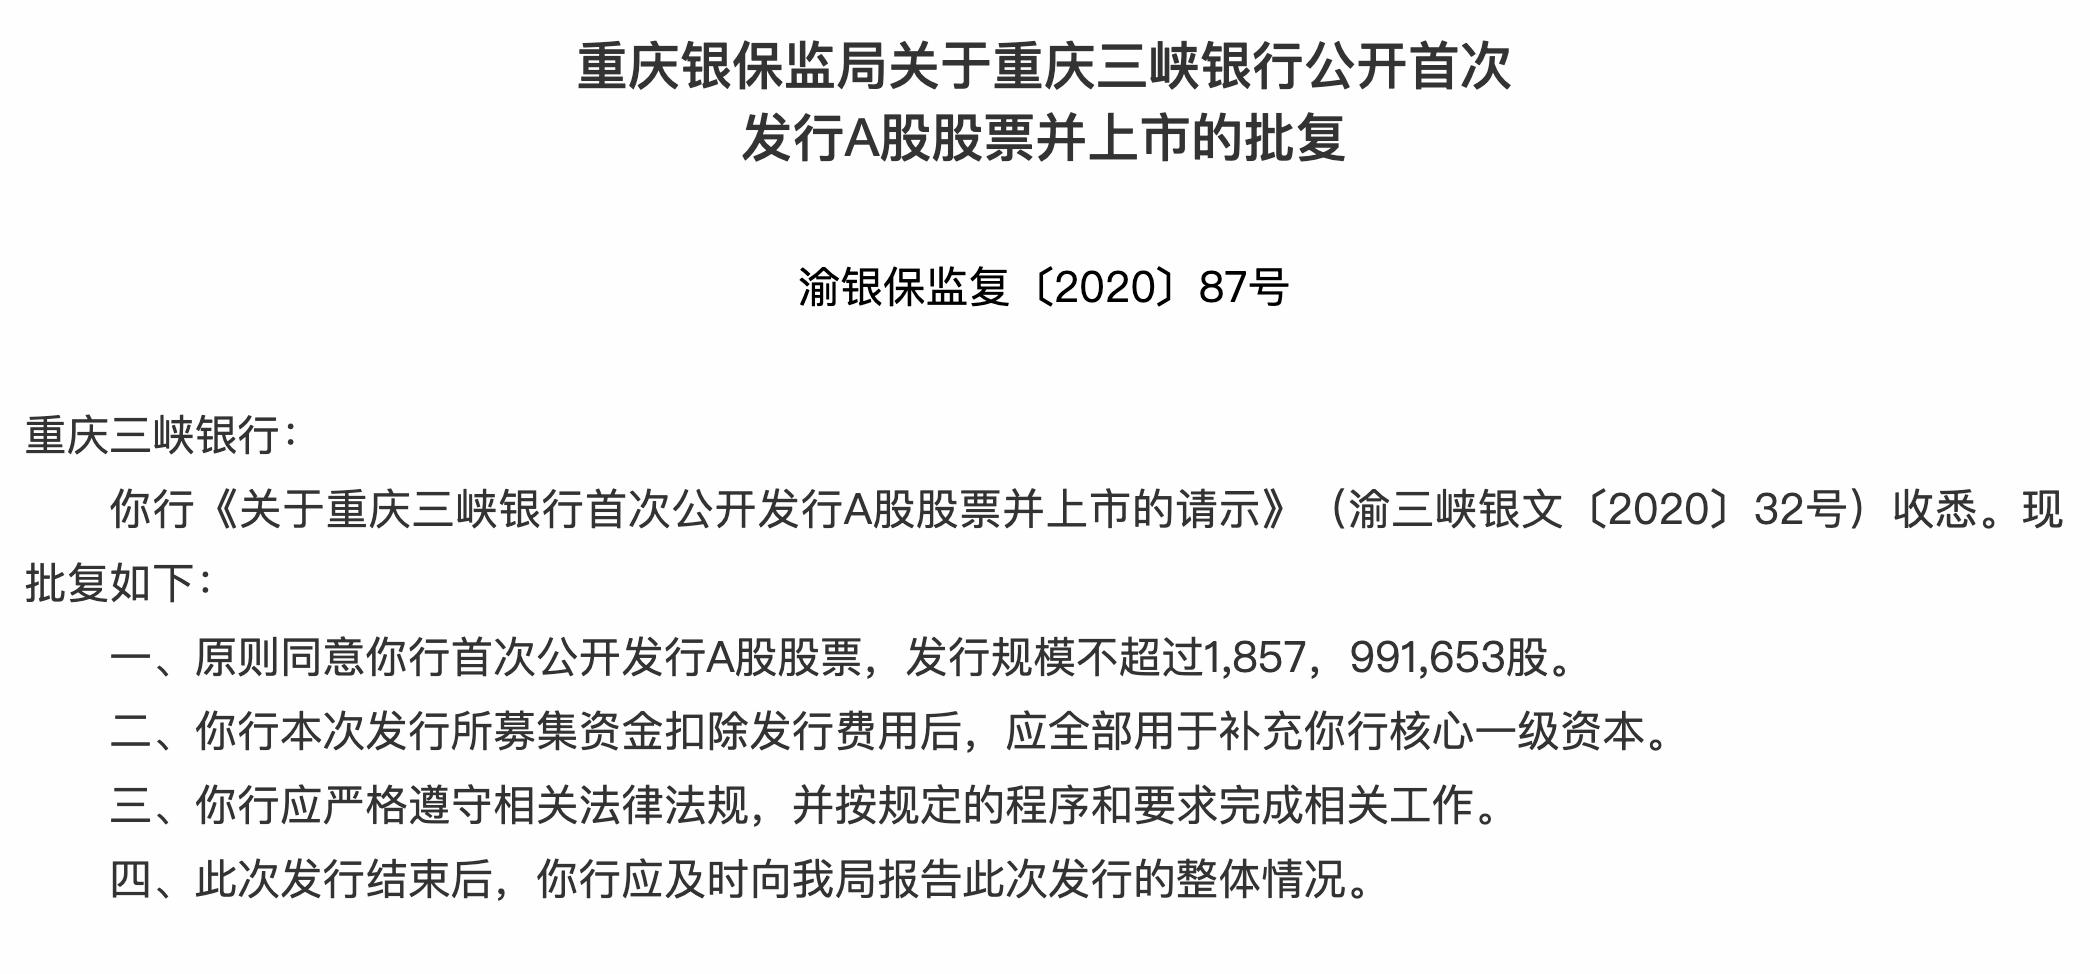 重庆三峡银行获当地银保监批准发行A股 募集资金全部用于补充核心资本